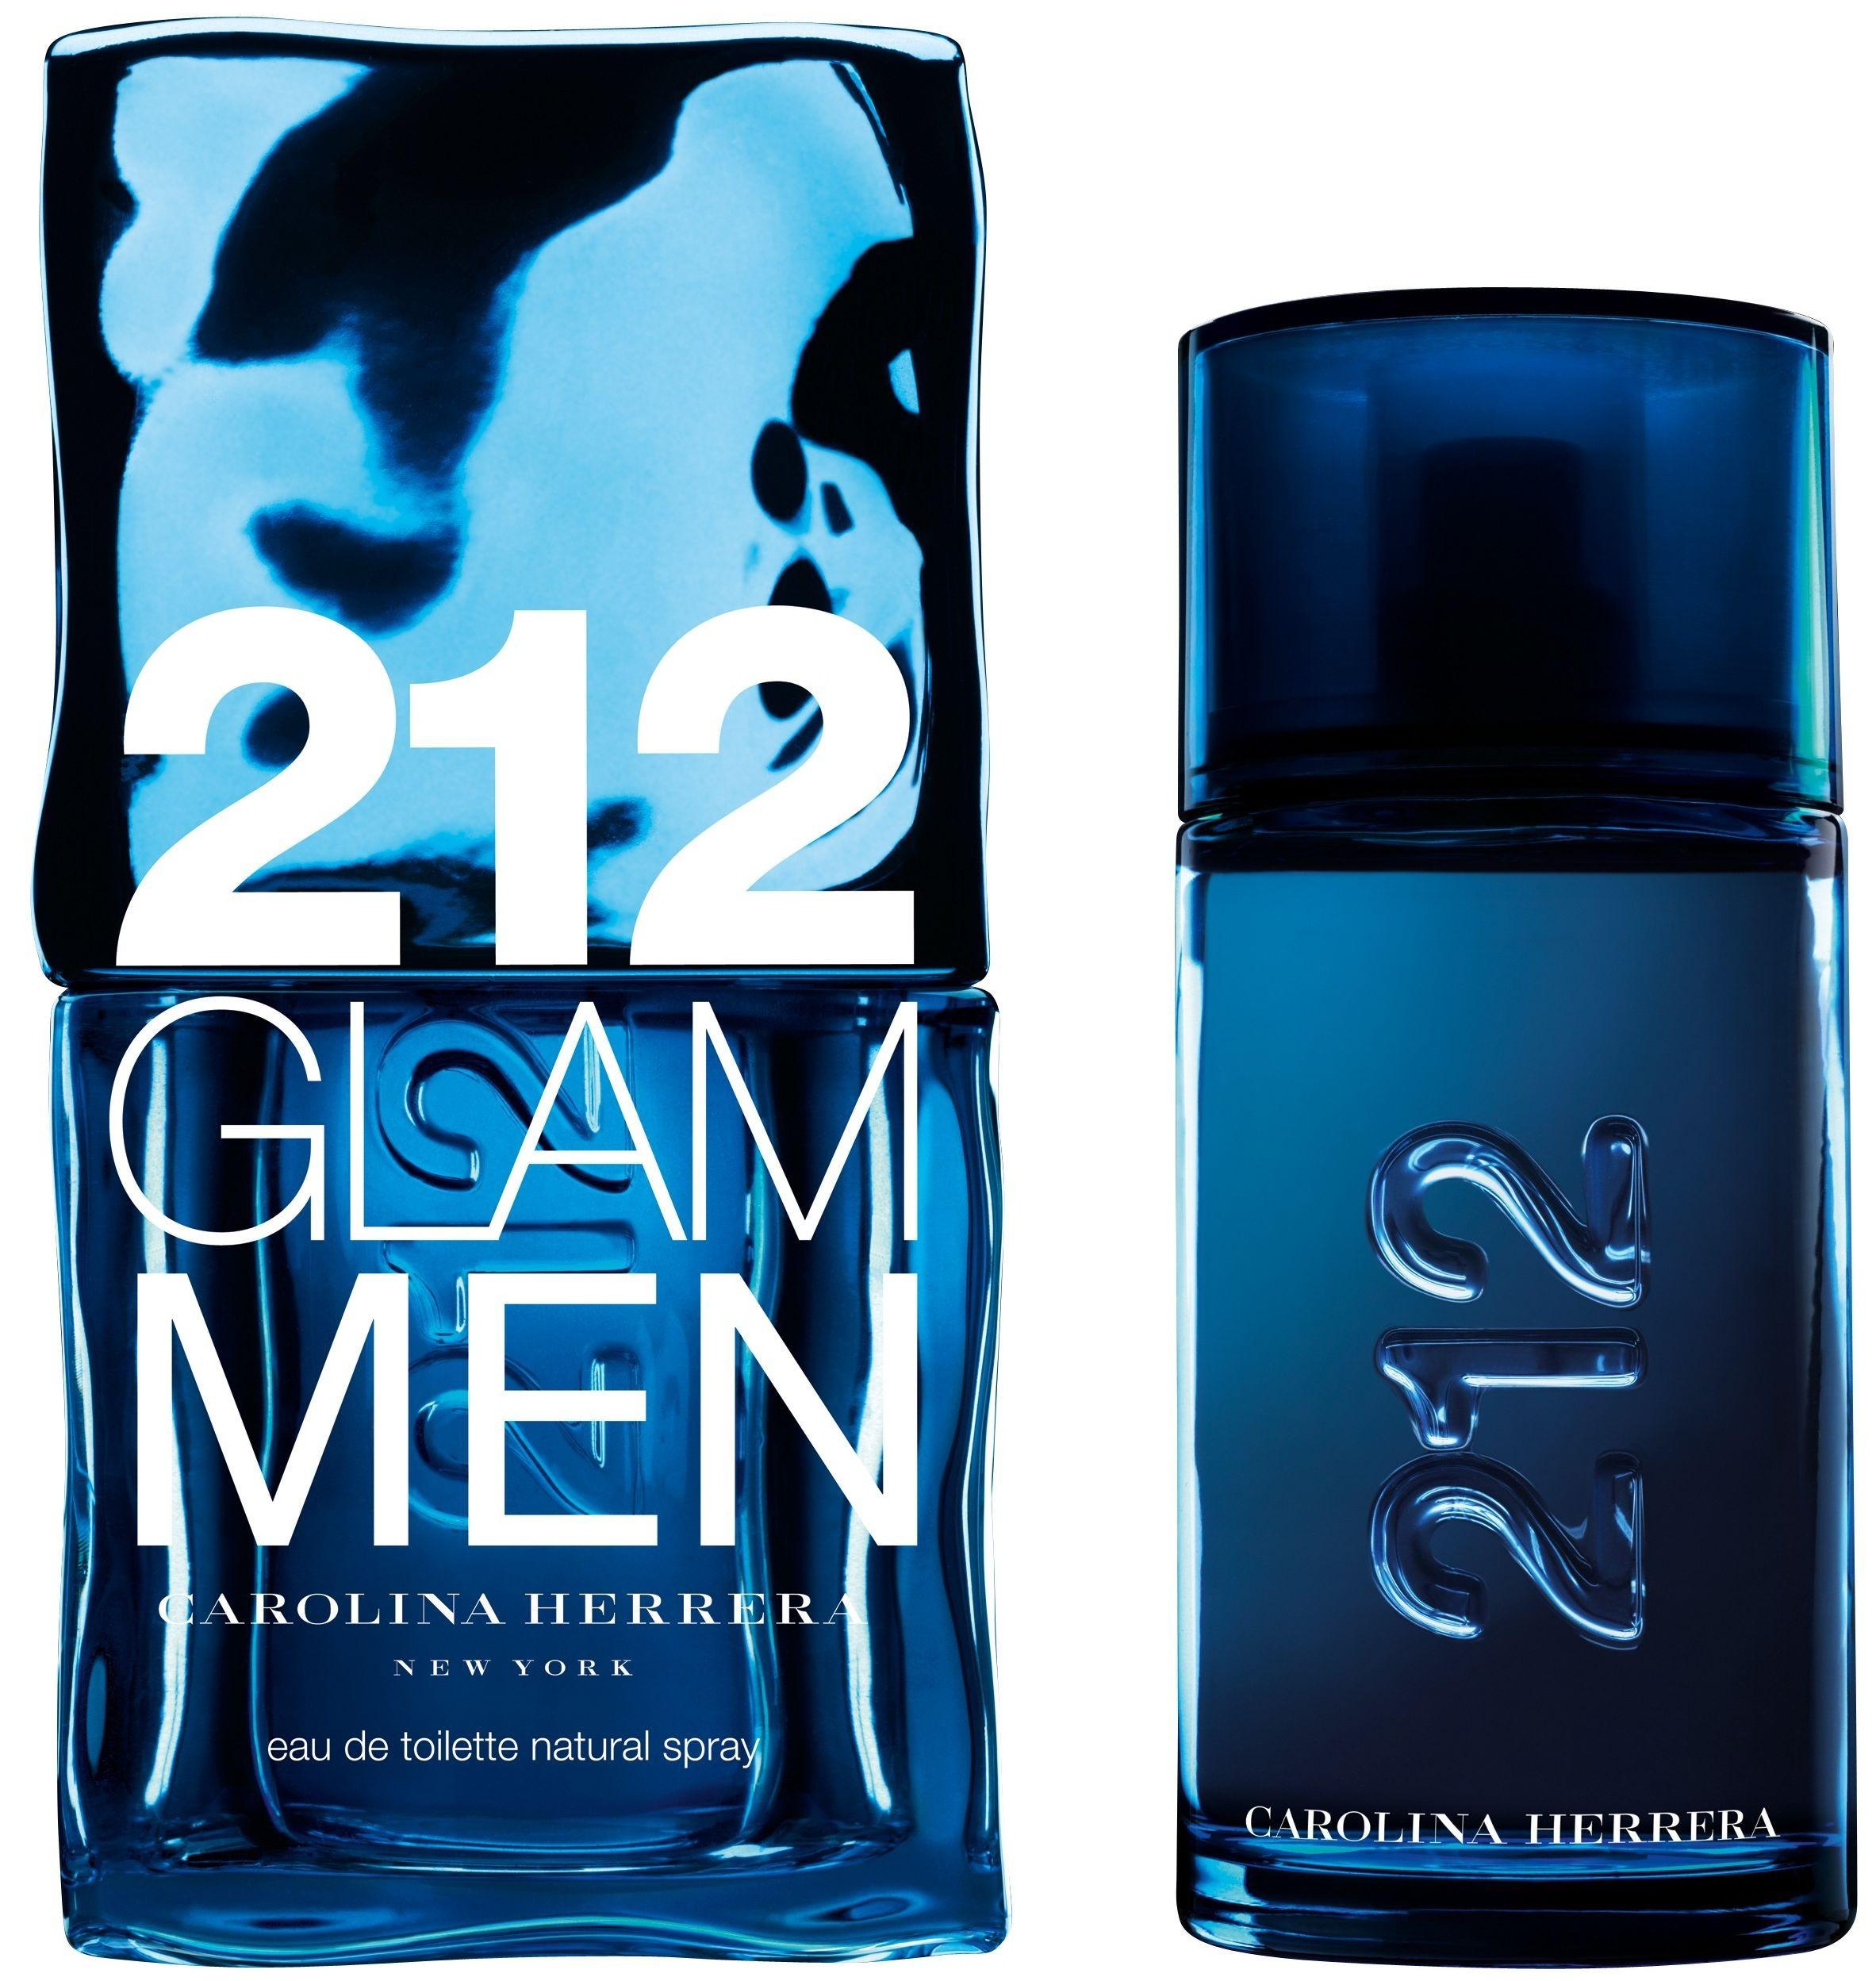 Carolina Herrera 212 Glam Men аромат для мужчин